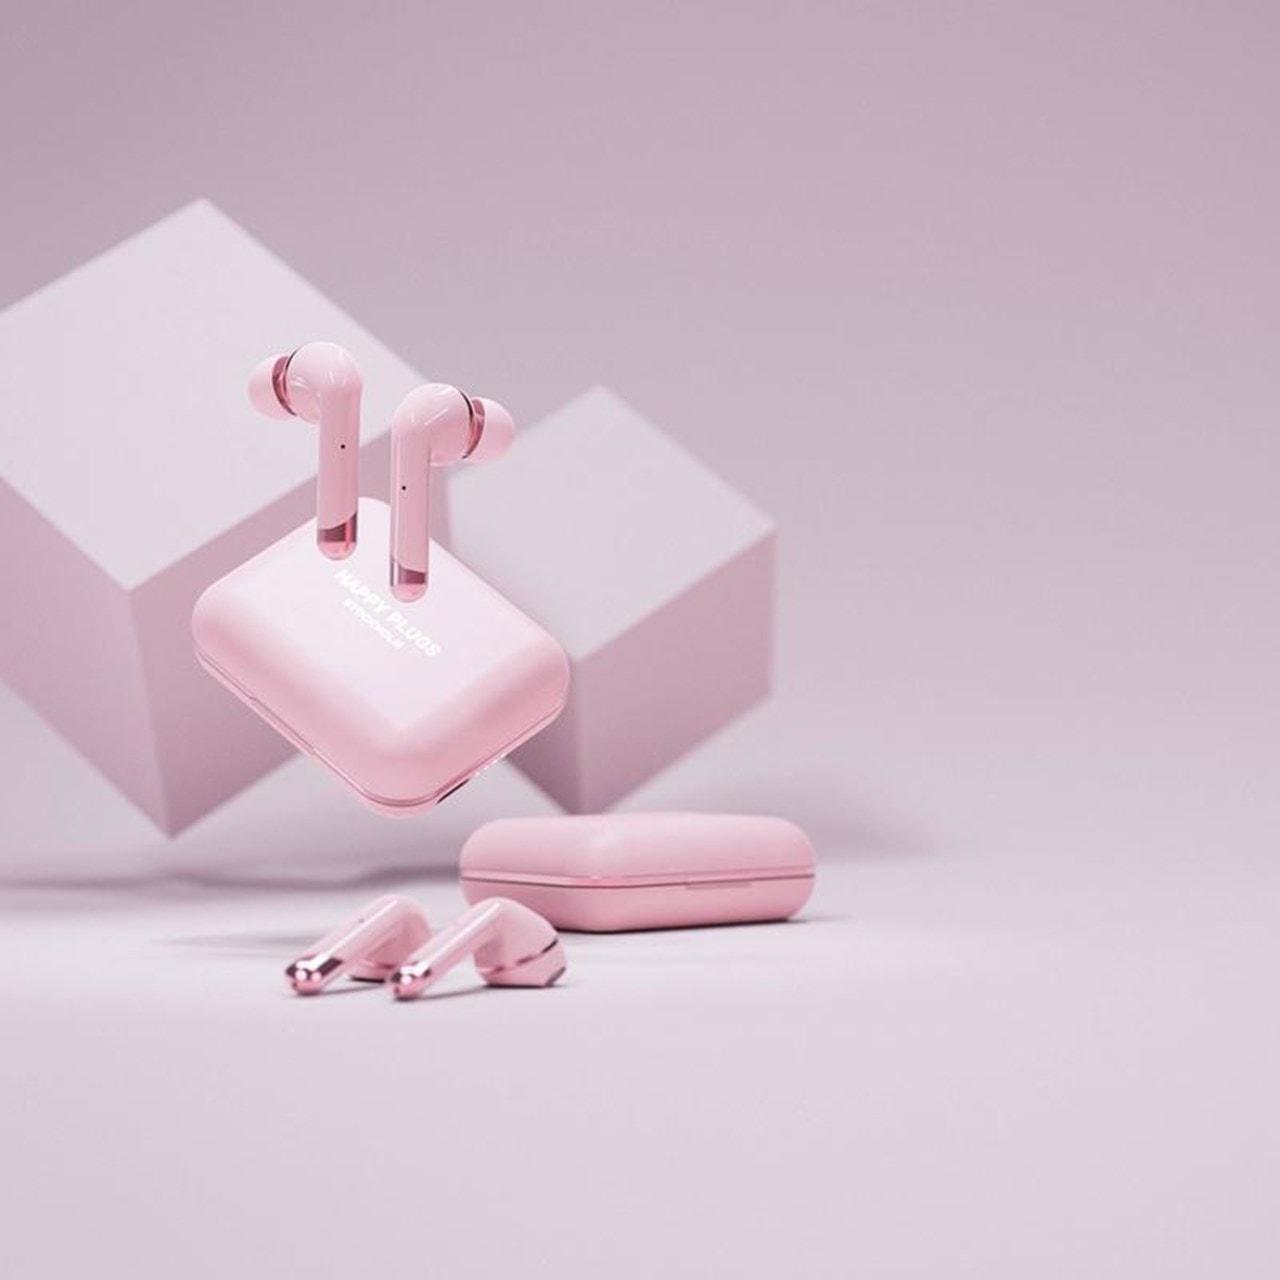 Happy Plugs Air1 Plus Pink Gold In Ear True Wireless Bluetooth Earphones - 5